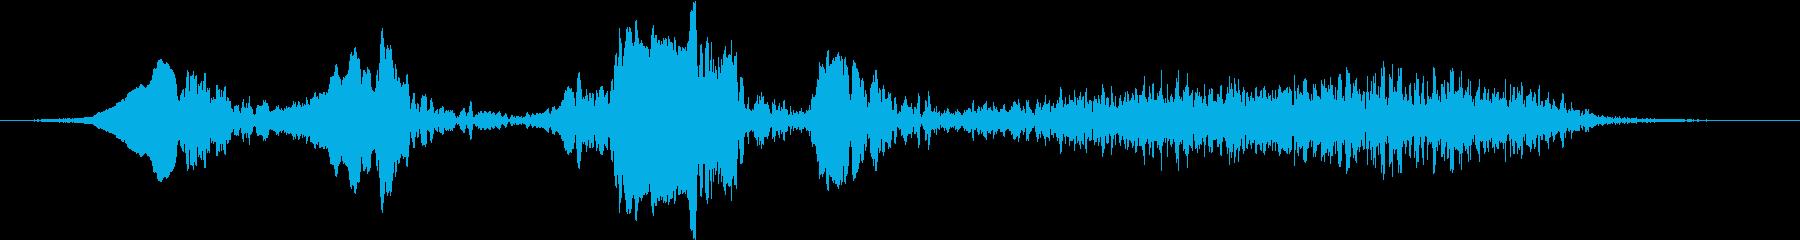 センダイムシクイのさえずりの再生済みの波形